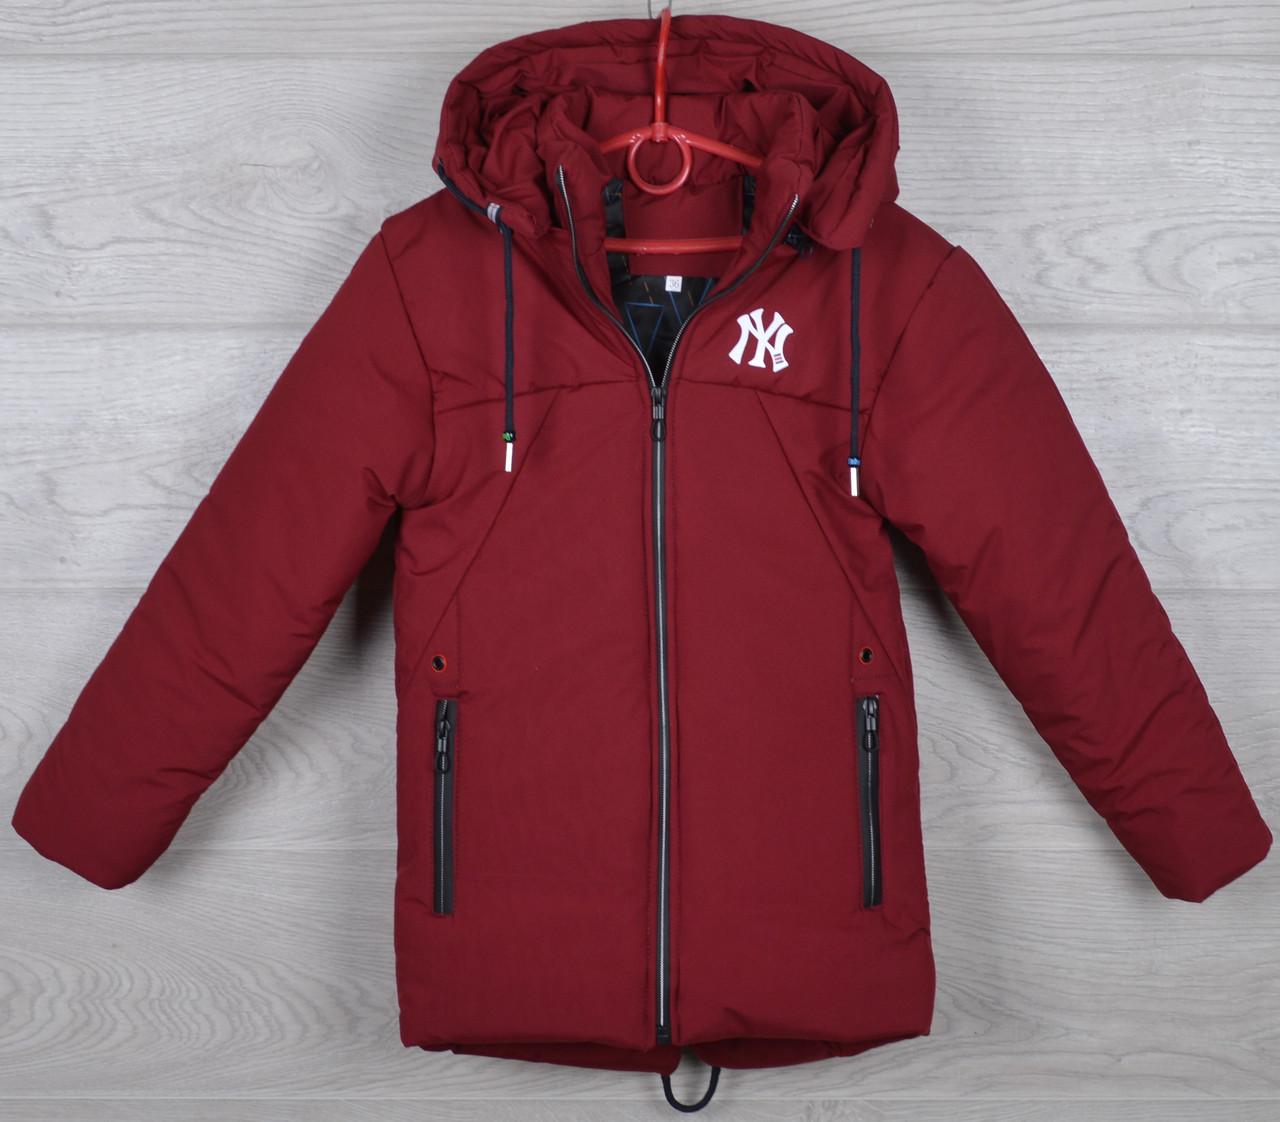 """Куртка детская демисезонная """"NY"""" 4-5-6-7-8 лет (104-128 см). Бордо. Оптом."""